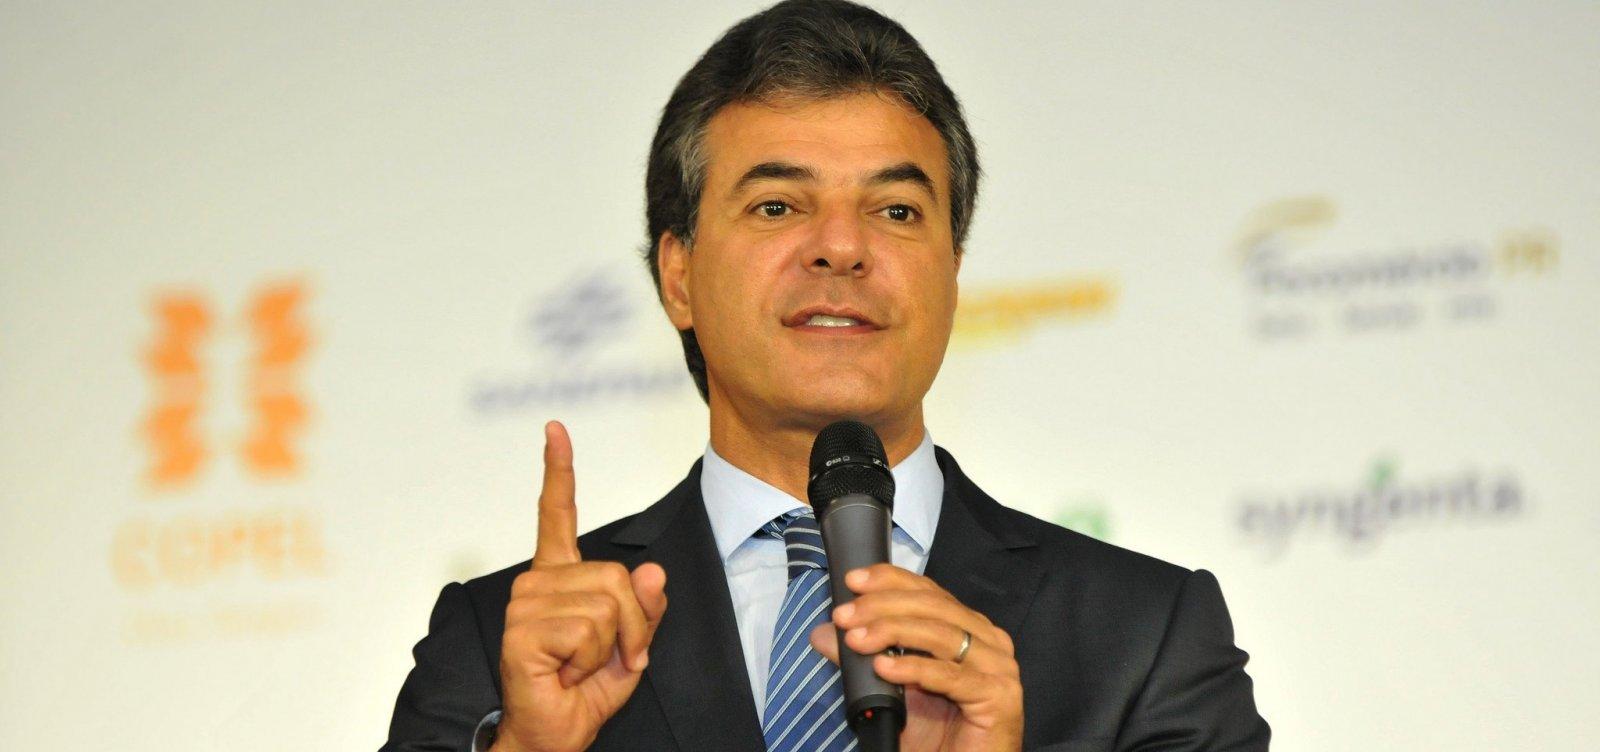 STJ retira de Moro investigação da Lava Jato que teve Beto Richa como alvo